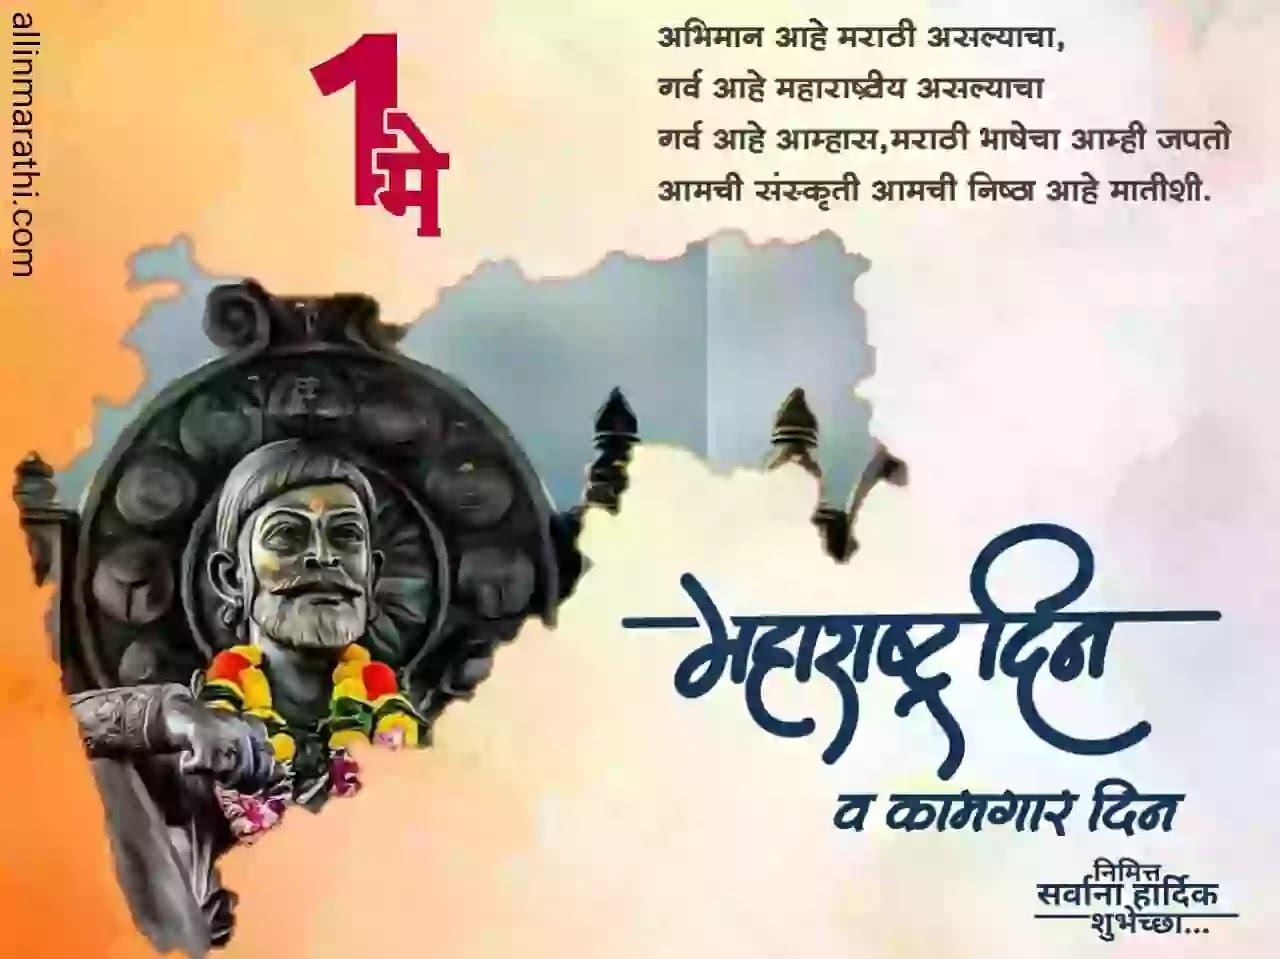 Maharashtra-day-quotes-marathi